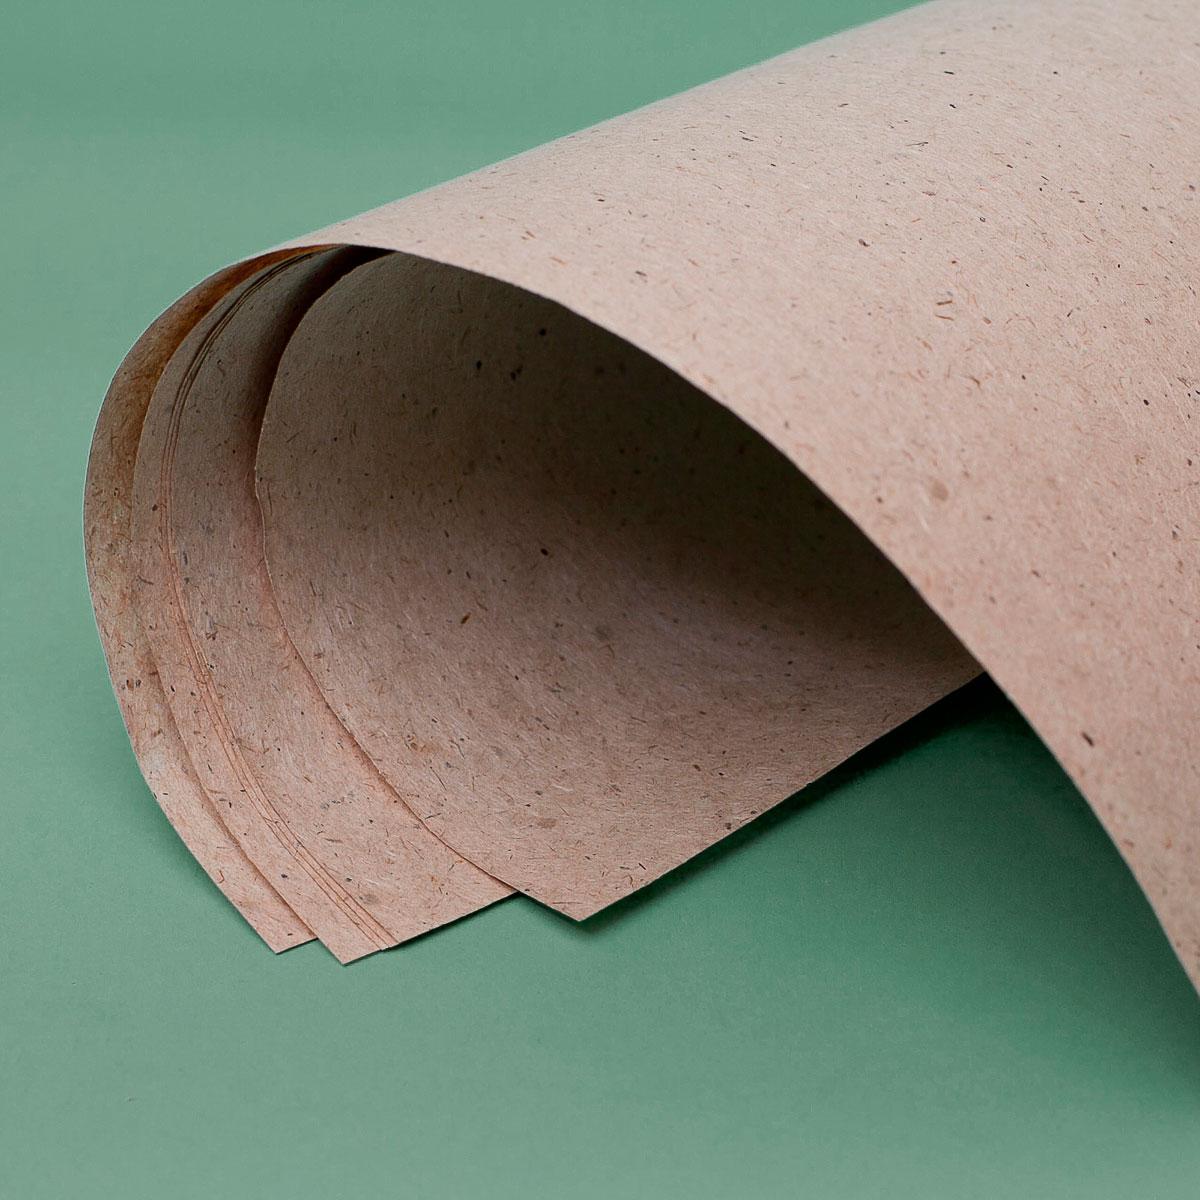 Бумага резаная обёрточная Соликамск. Бумага марки Е